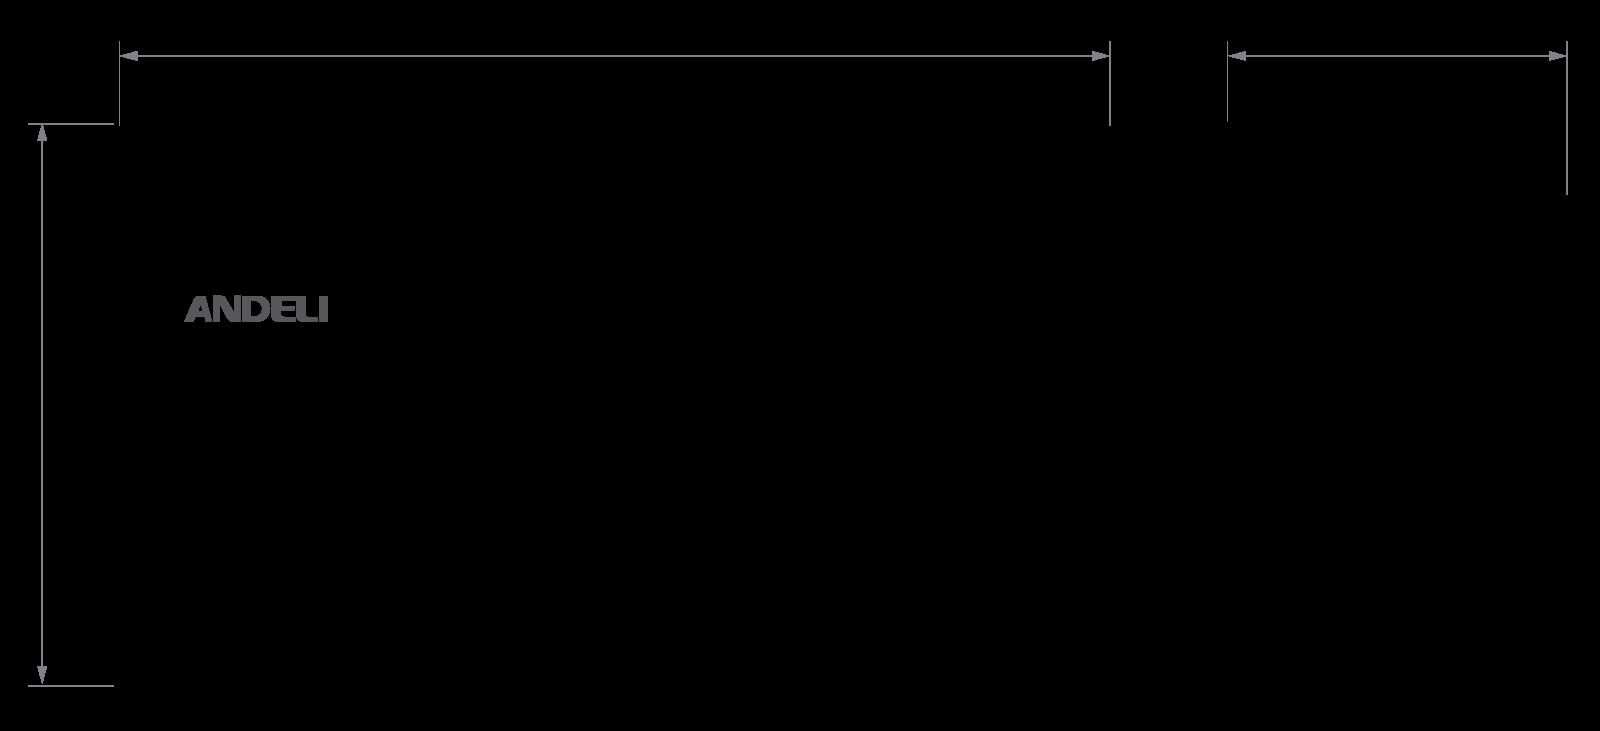 Габариты автоматического ввода резерва (АВР) Andeli HATS-7